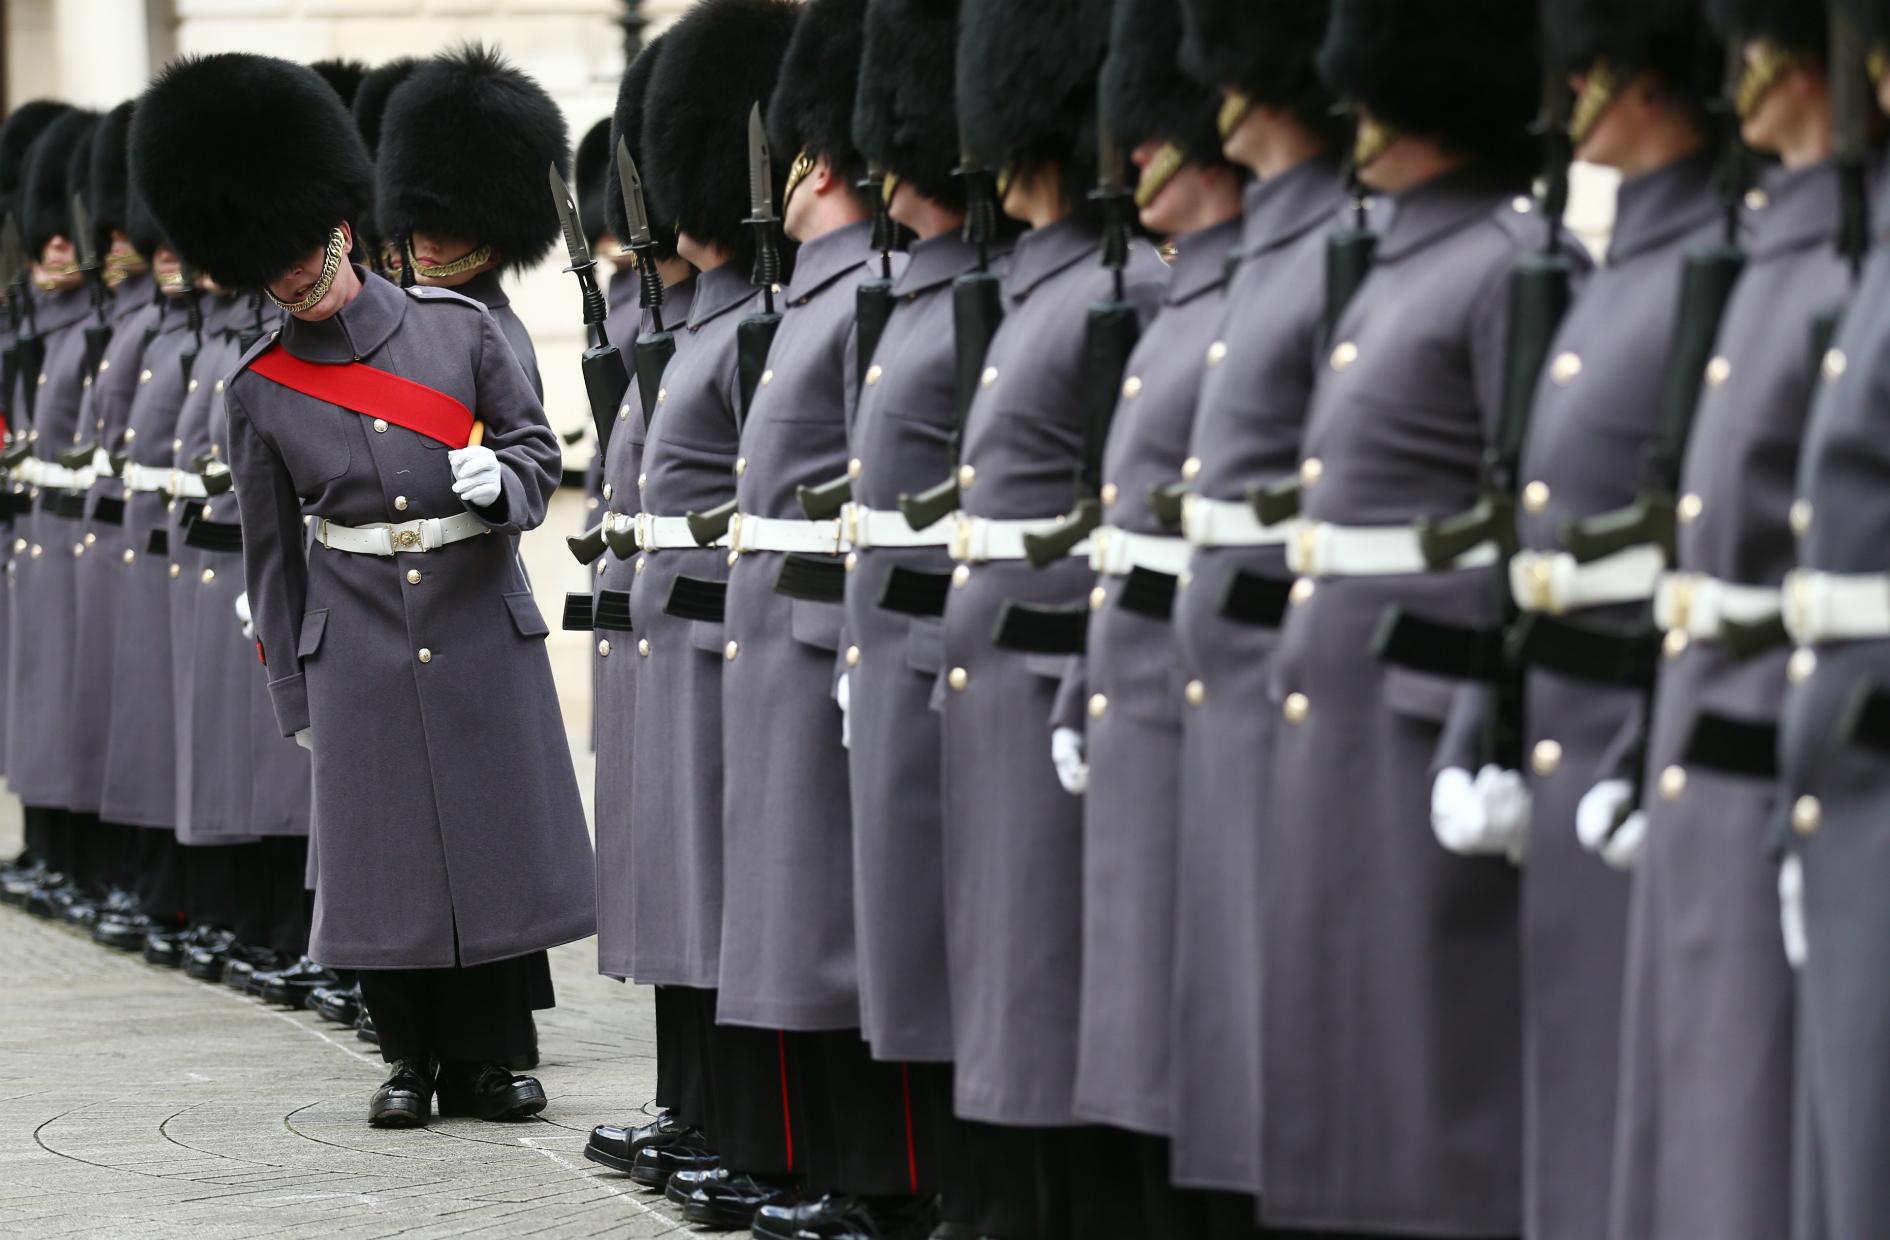 Una guardia de honor se prepara para saludar el primer ministro indio Narendra Modi al tambor de tesorería en Londres. AFP JUSTIN TALLIS